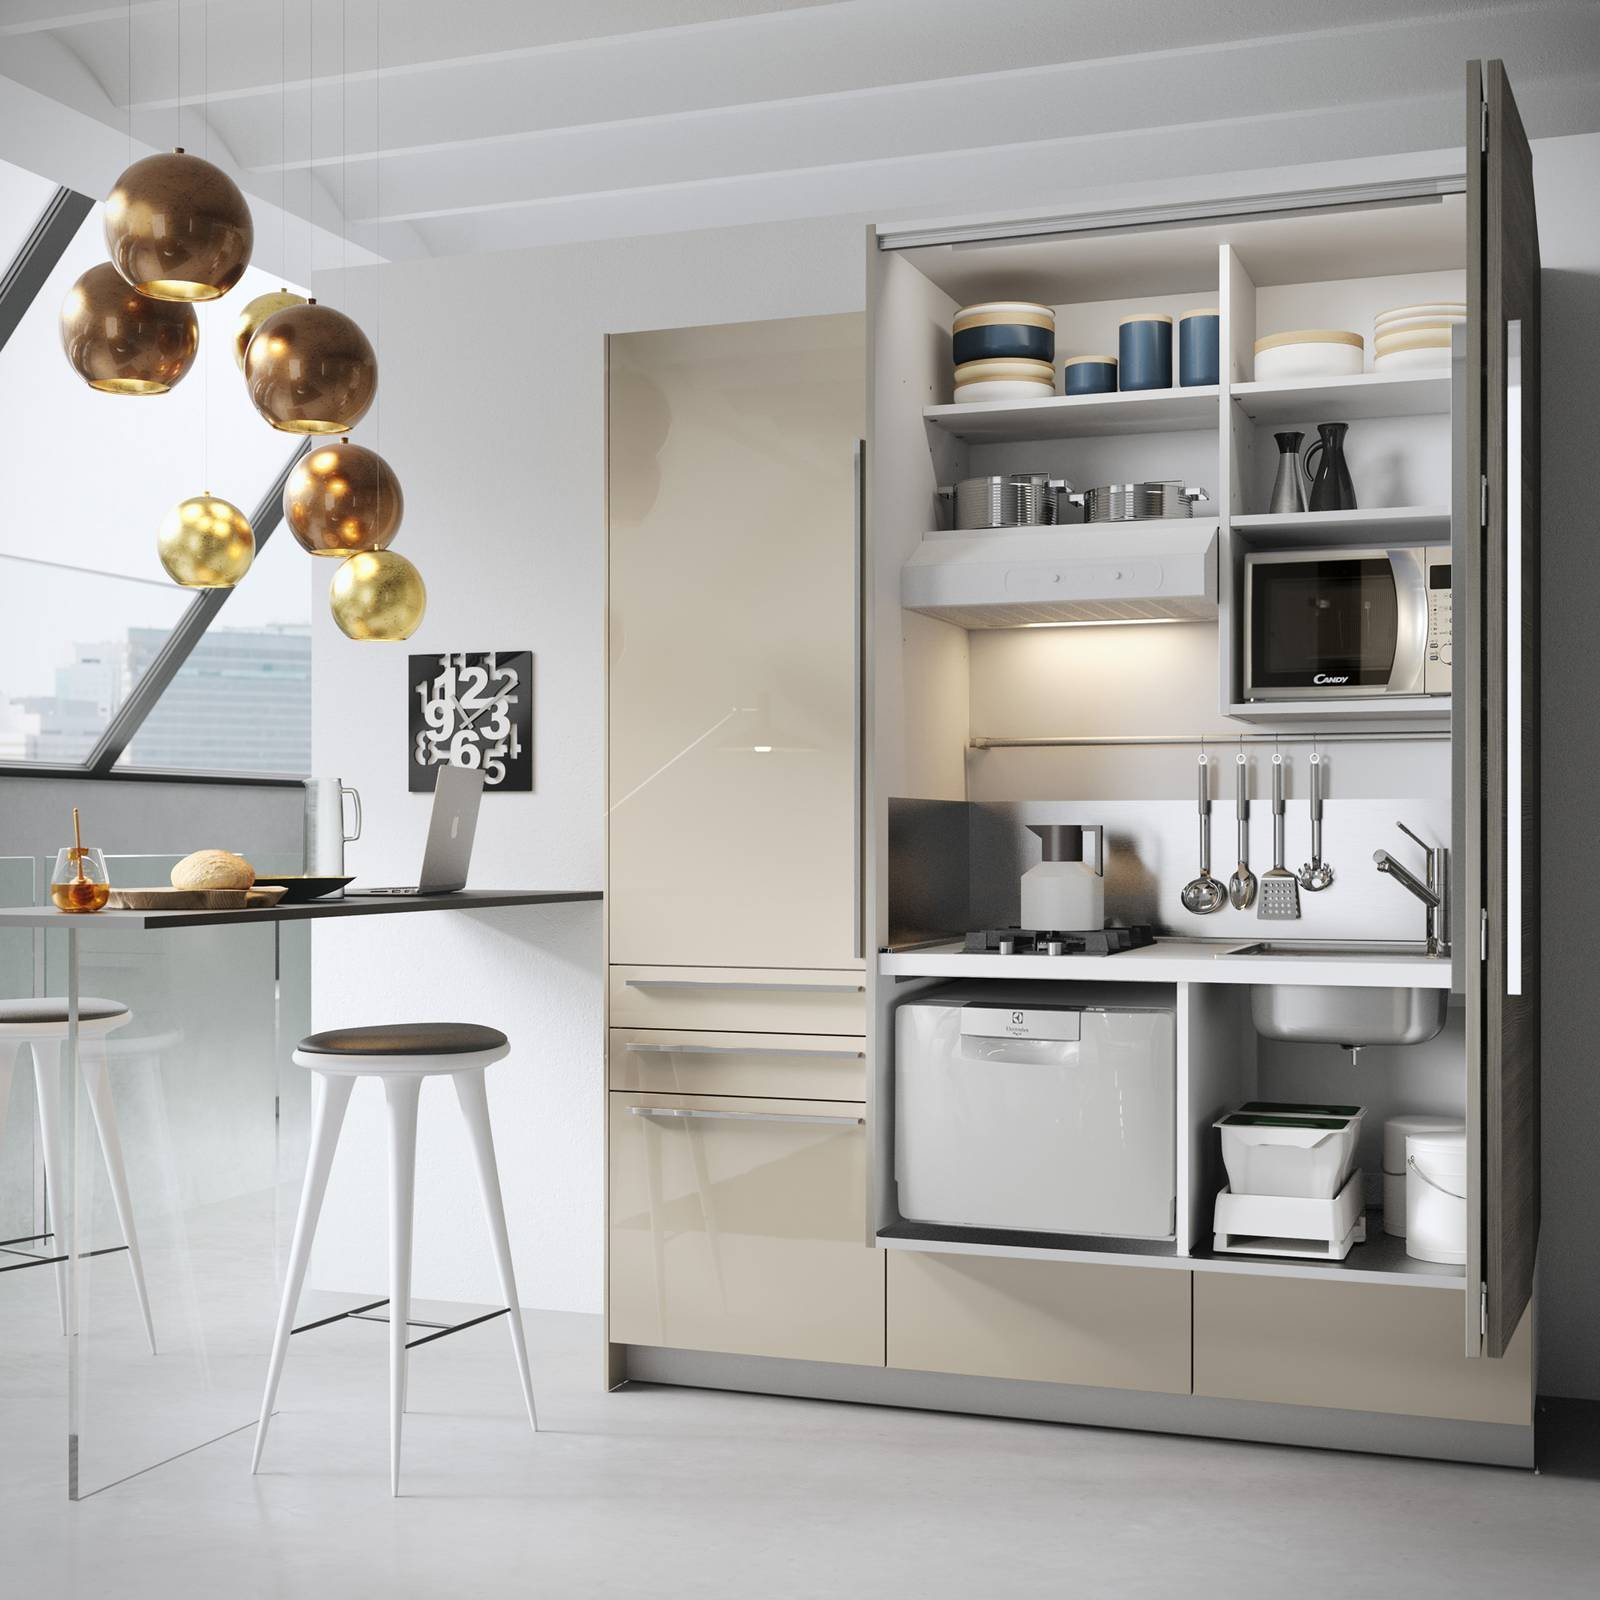 Mini cucina 5 soluzioni per la cucina piccola cose di casa - Cucina per casa ...